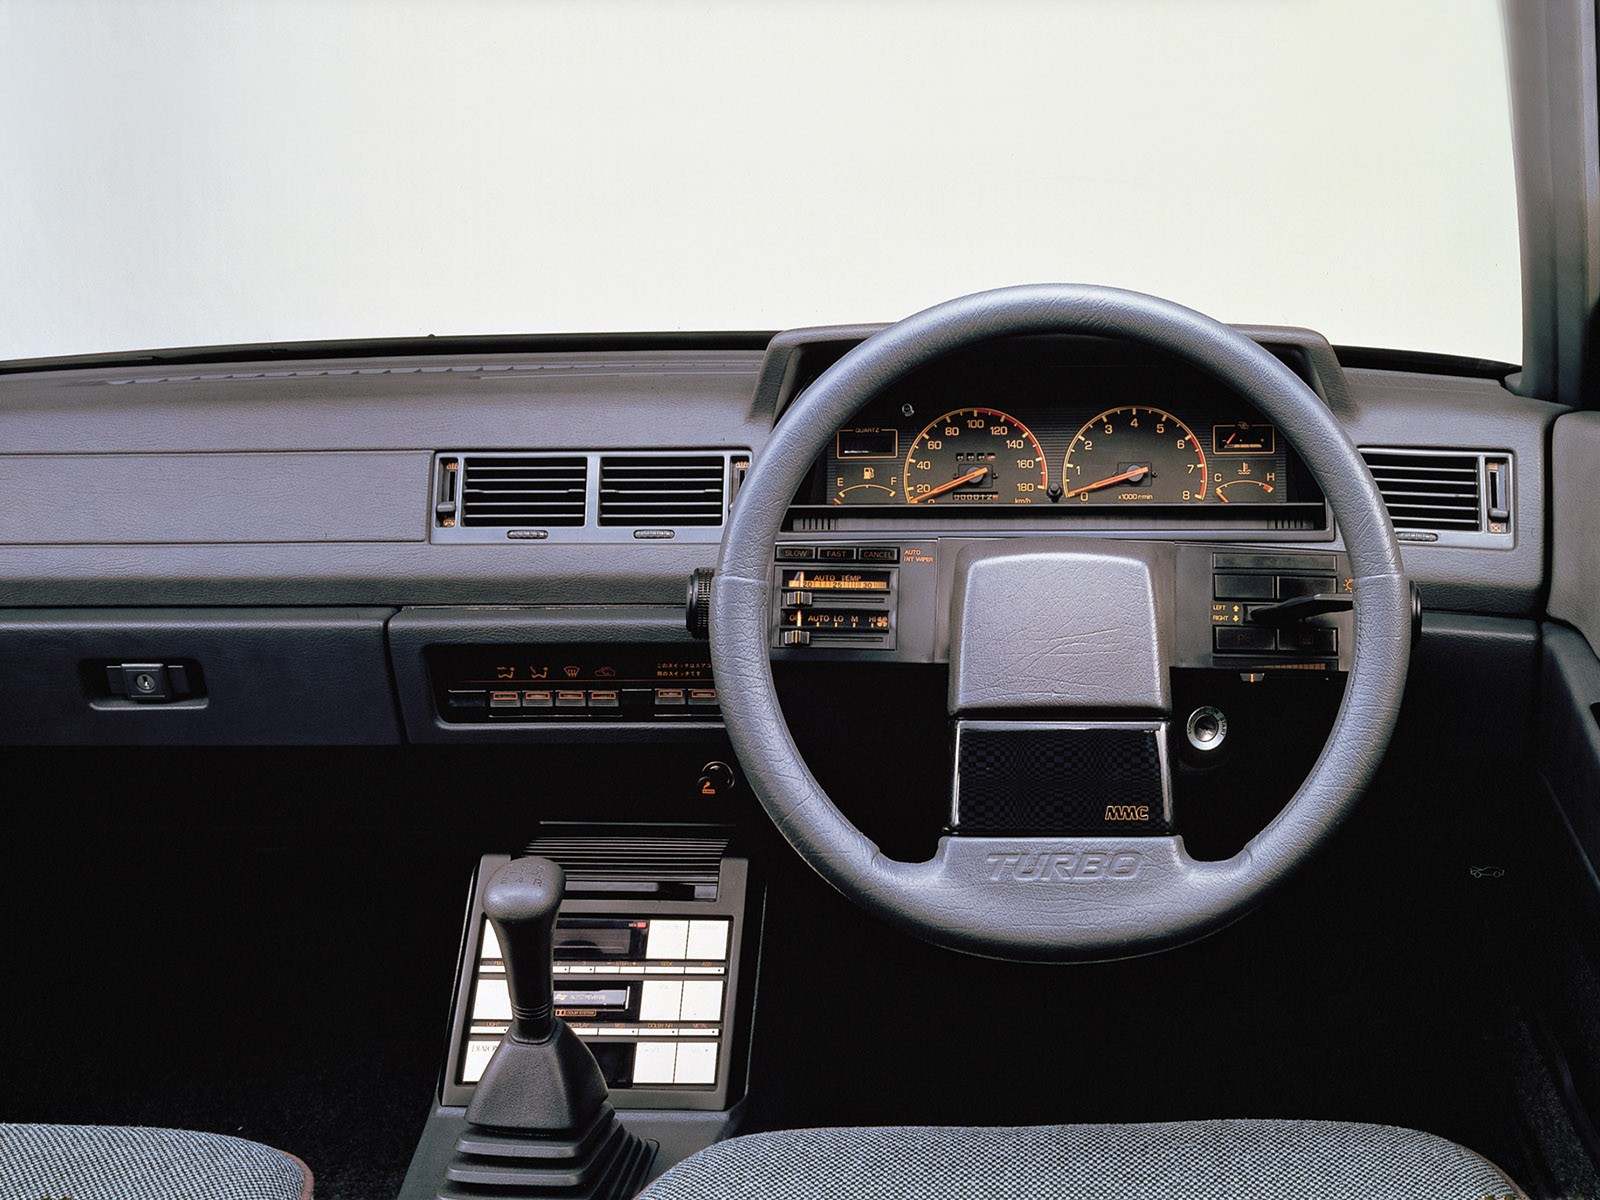 Mitsubishi Galant 2000 GSR-X Turbo 1983